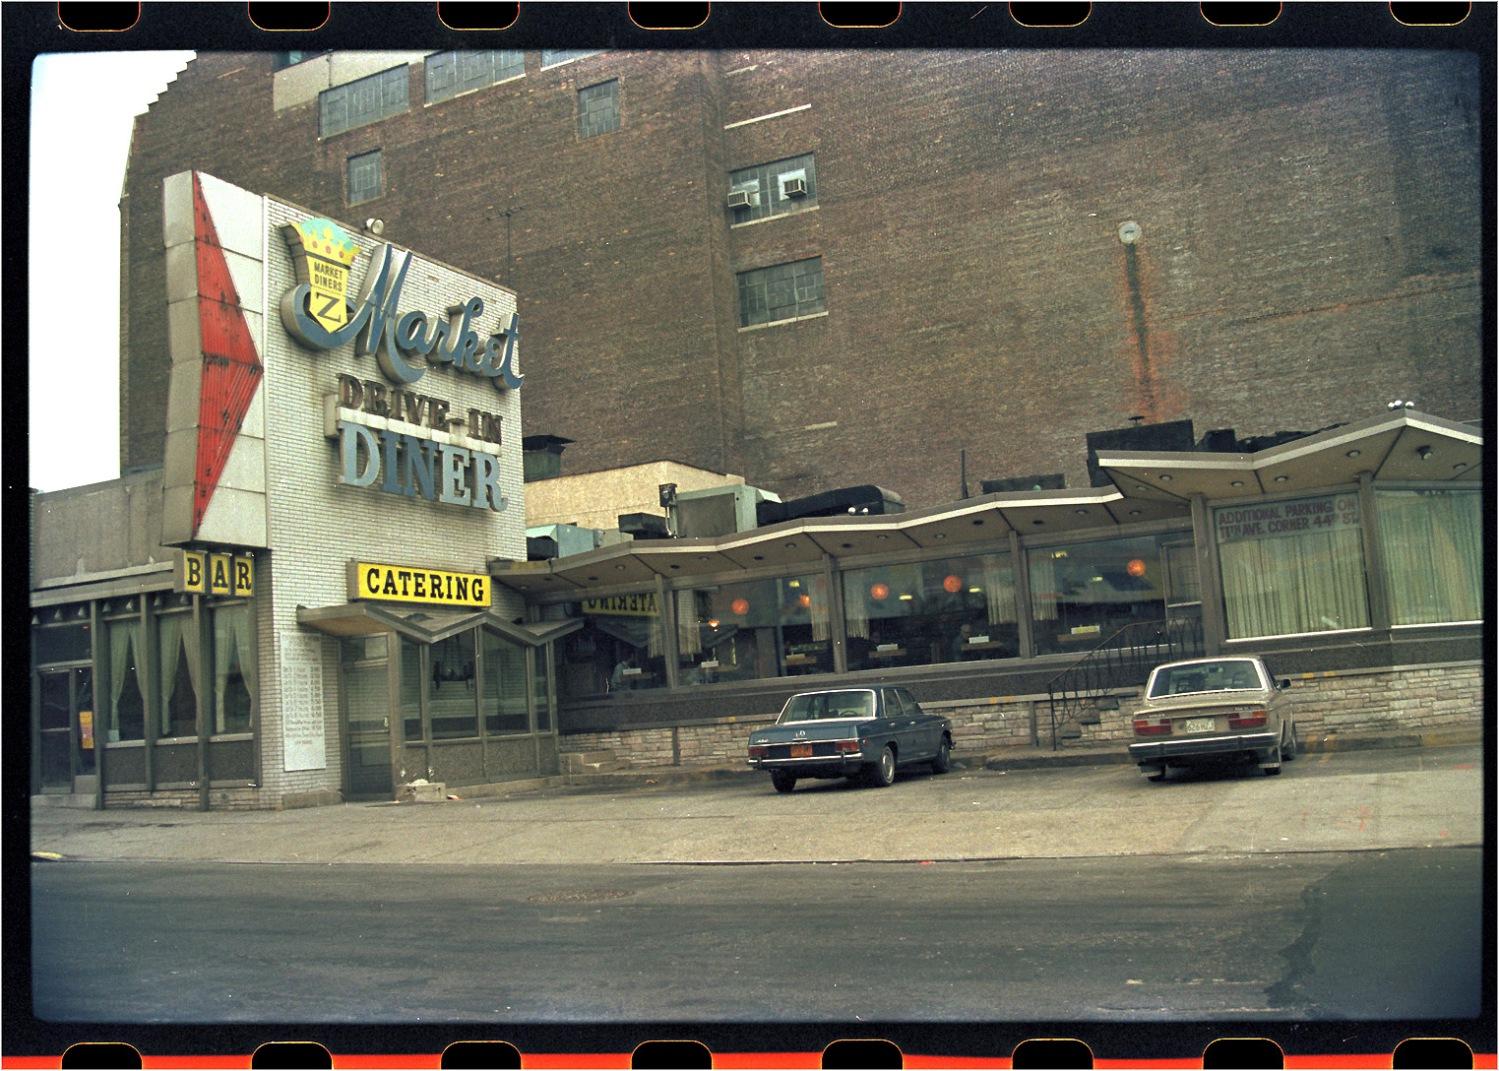 Market-Diner-1985 copy